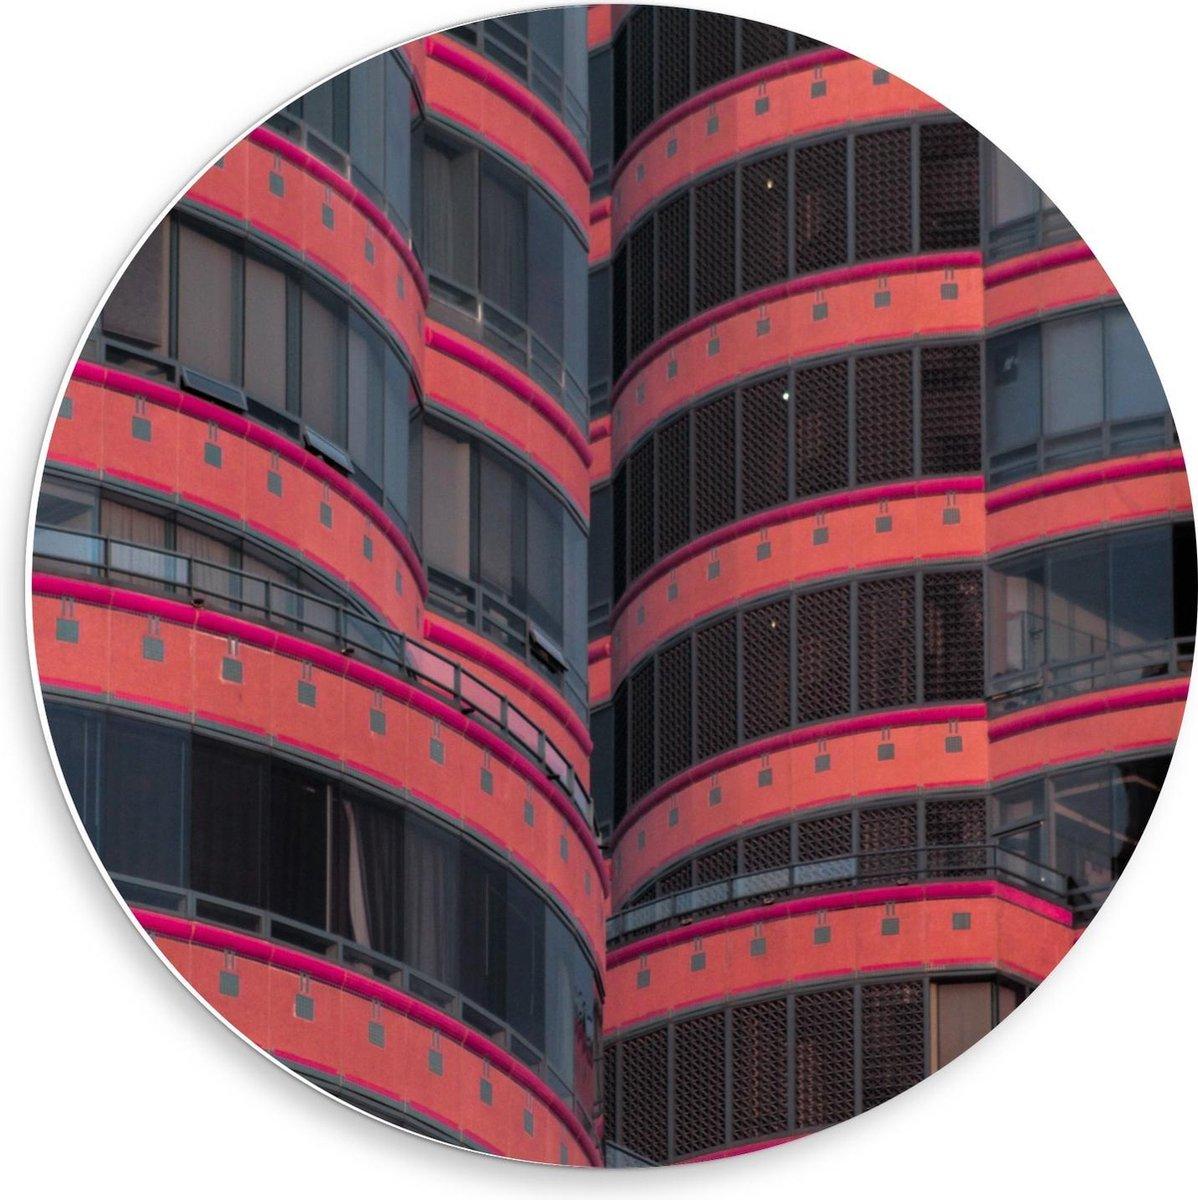 Forex Wandcirkel - Zwart/Rood Gebouw - 50x50cm Foto op Wandcirkel (met ophangsysteem)